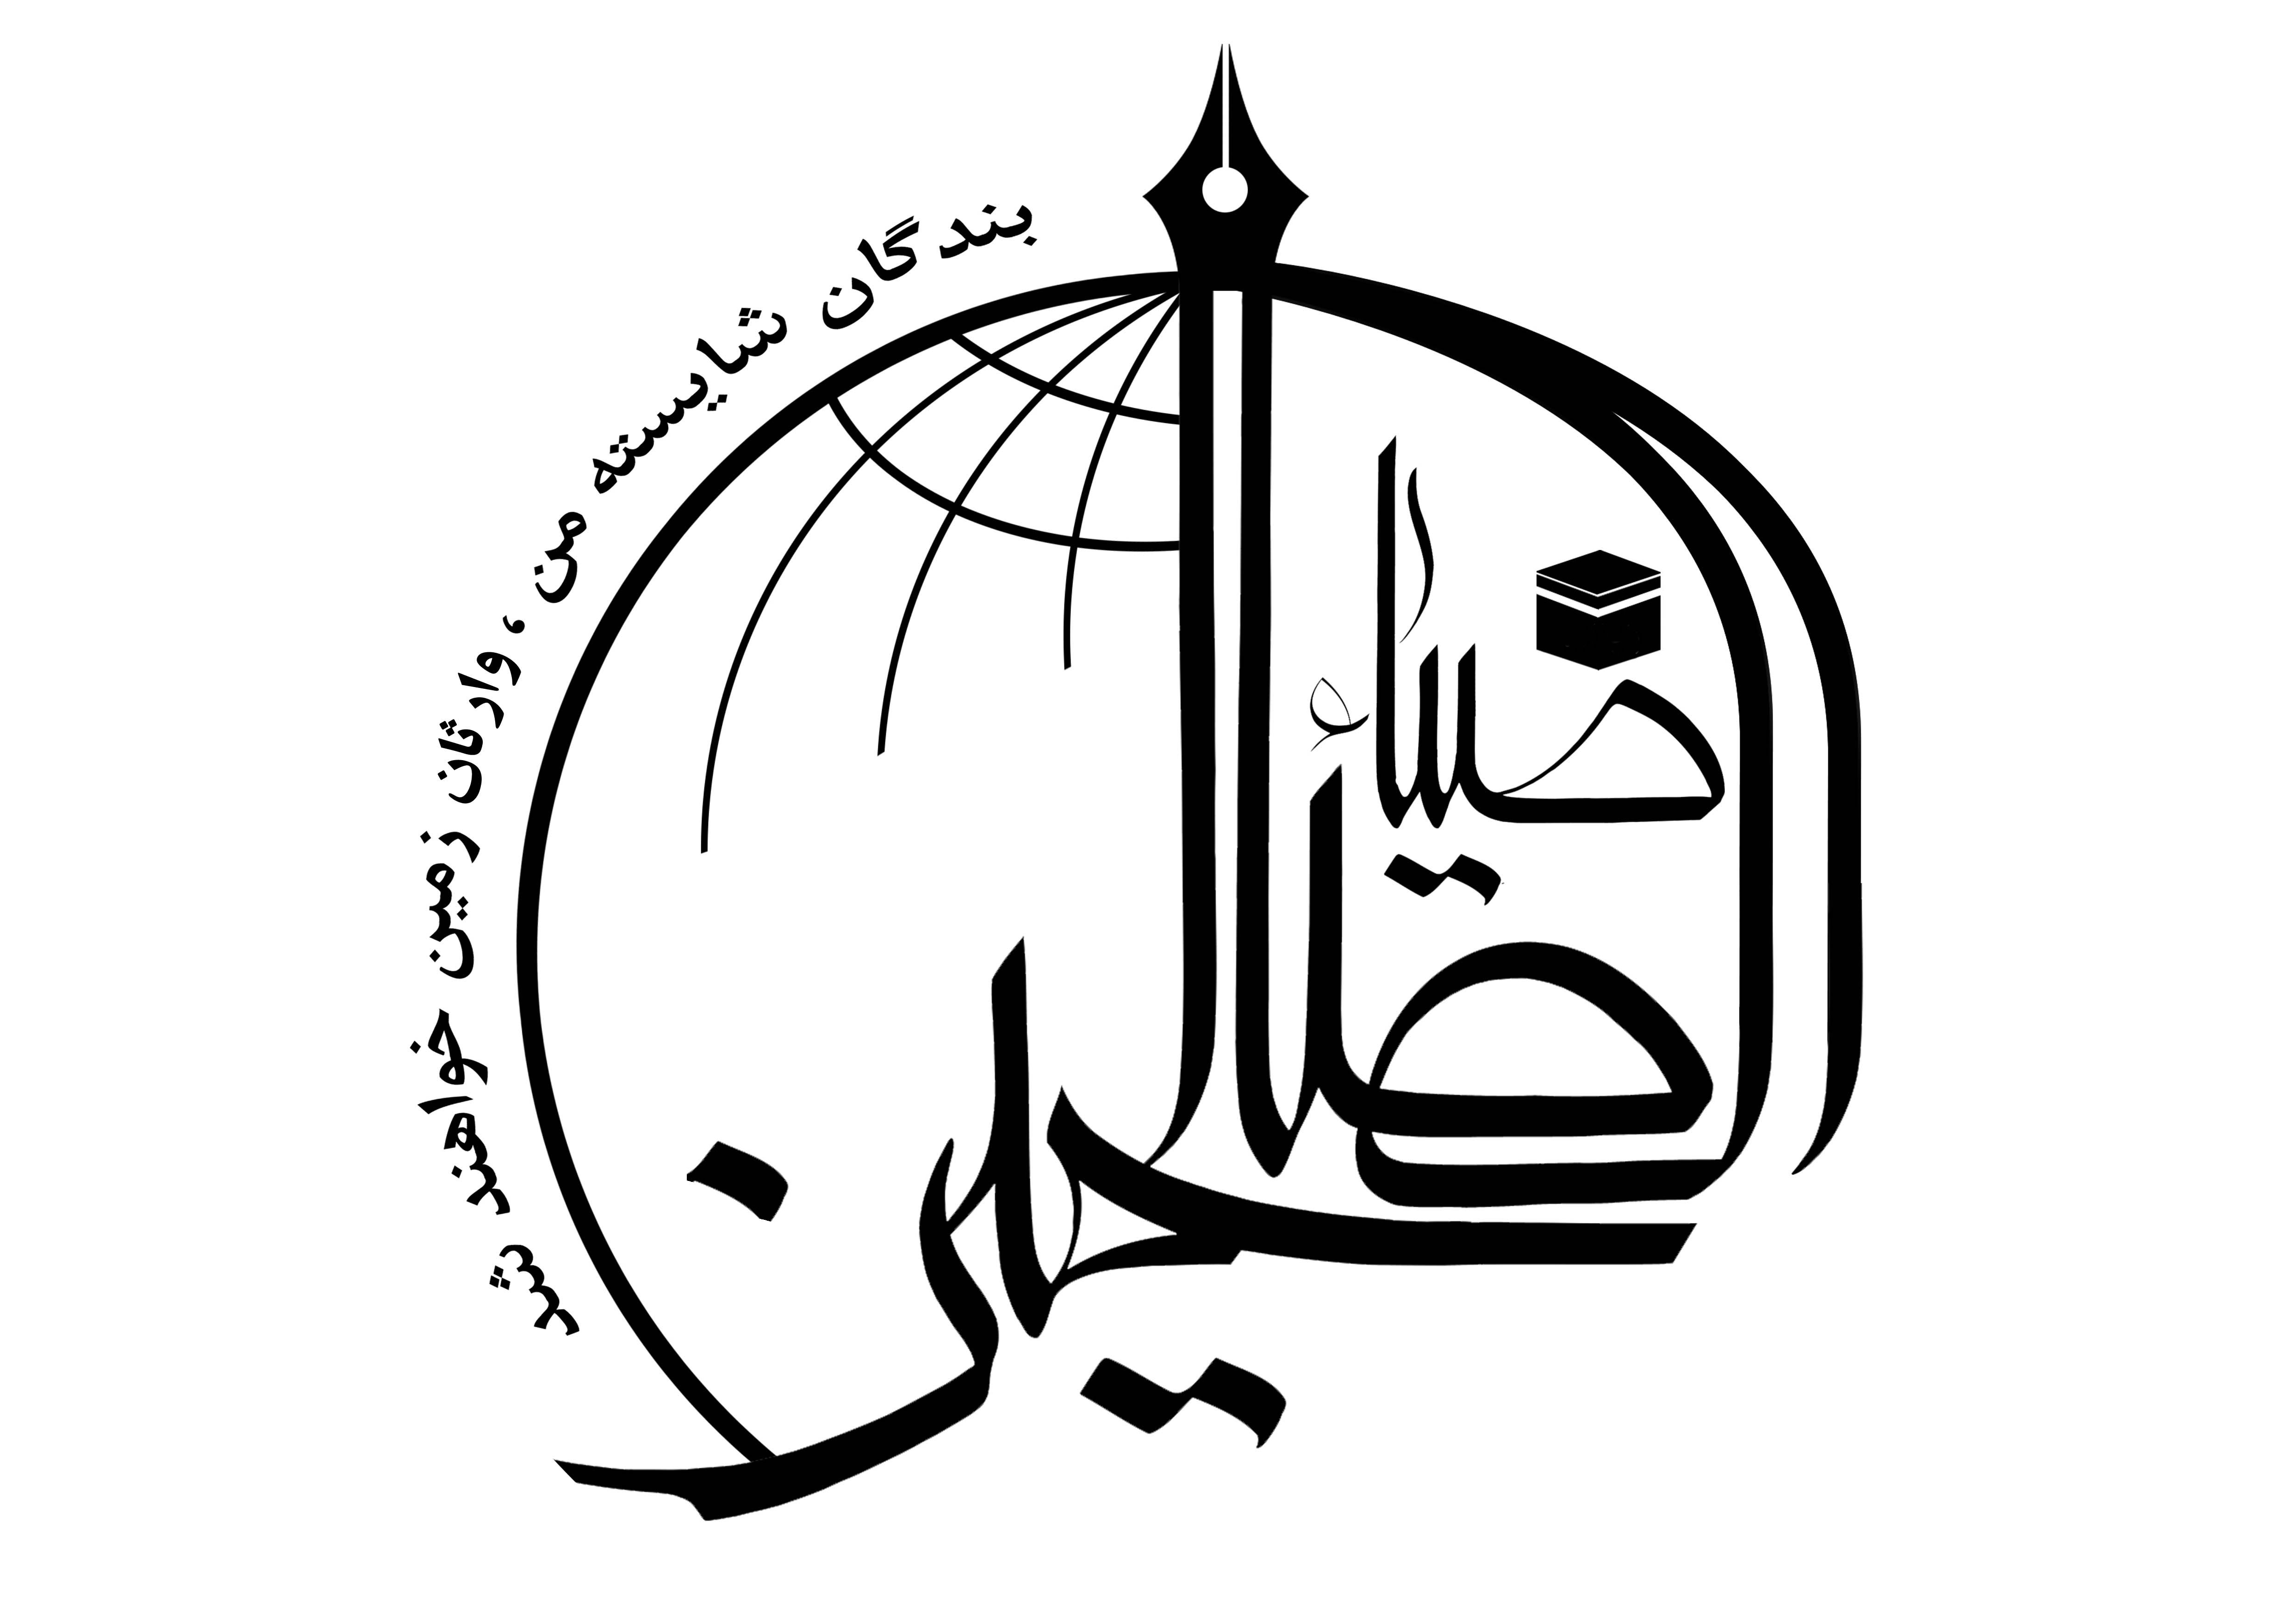 مؤسسه فرهنگی - تبلیغی ضیاءالصالحین بقیة الله(عجل الله تعالی فرجه الشریف)